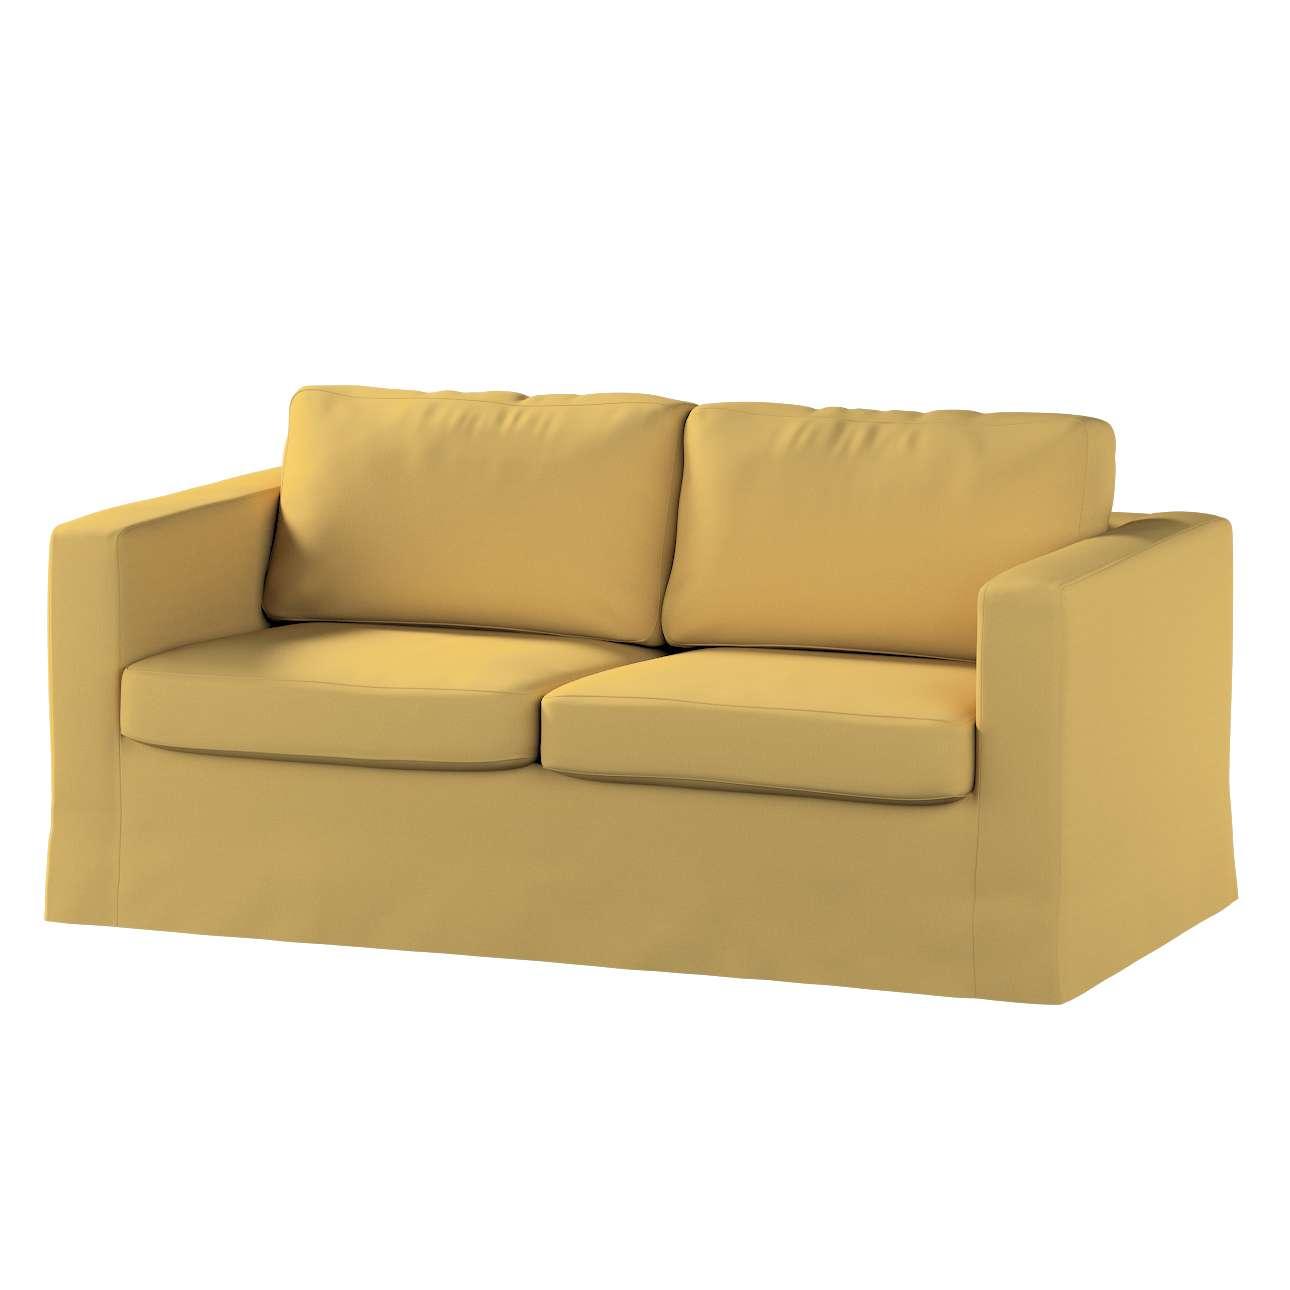 Pokrowiec na sofę Karlstad 2-osobową nierozkładaną długi w kolekcji Cotton Panama, tkanina: 702-41